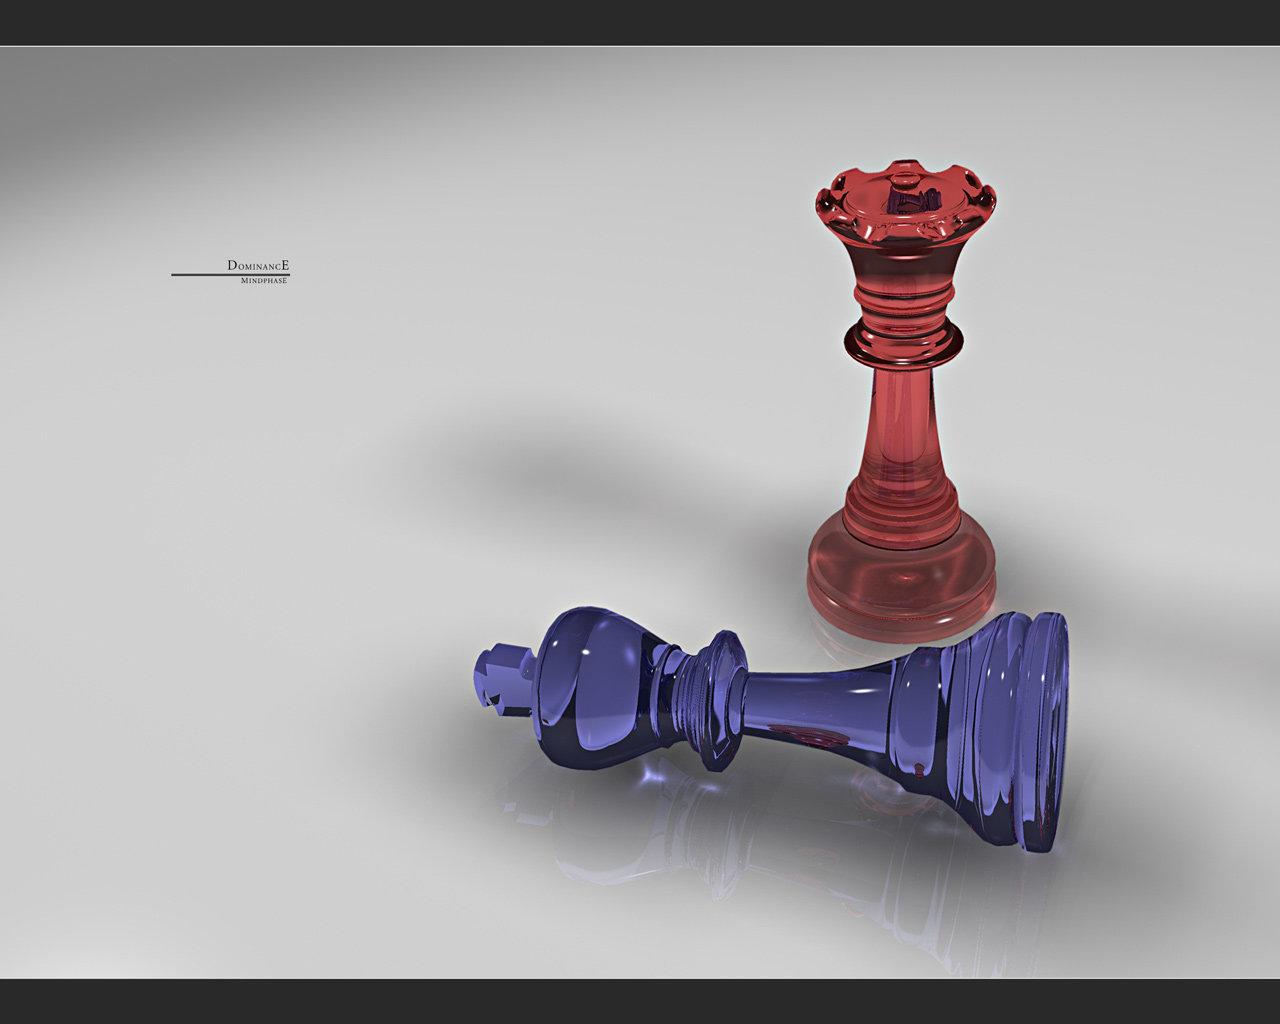 Best Chess Wallpaper Id378908 For High Resolution Hd 1280x1024 Desktop